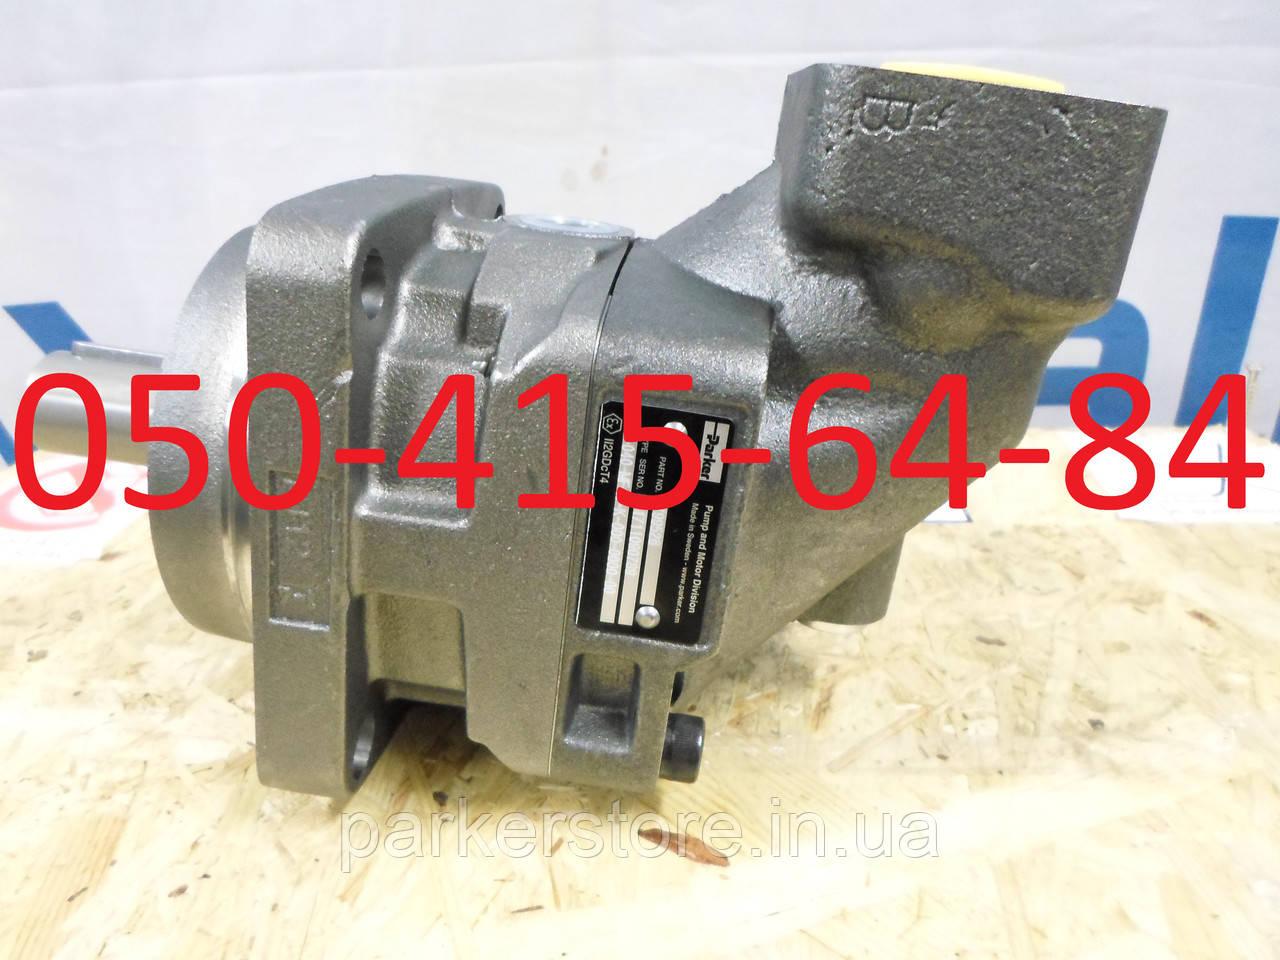 Гидромоторы Parker серии F12-090 по низкой цене от официального дистрибьютора в Украине